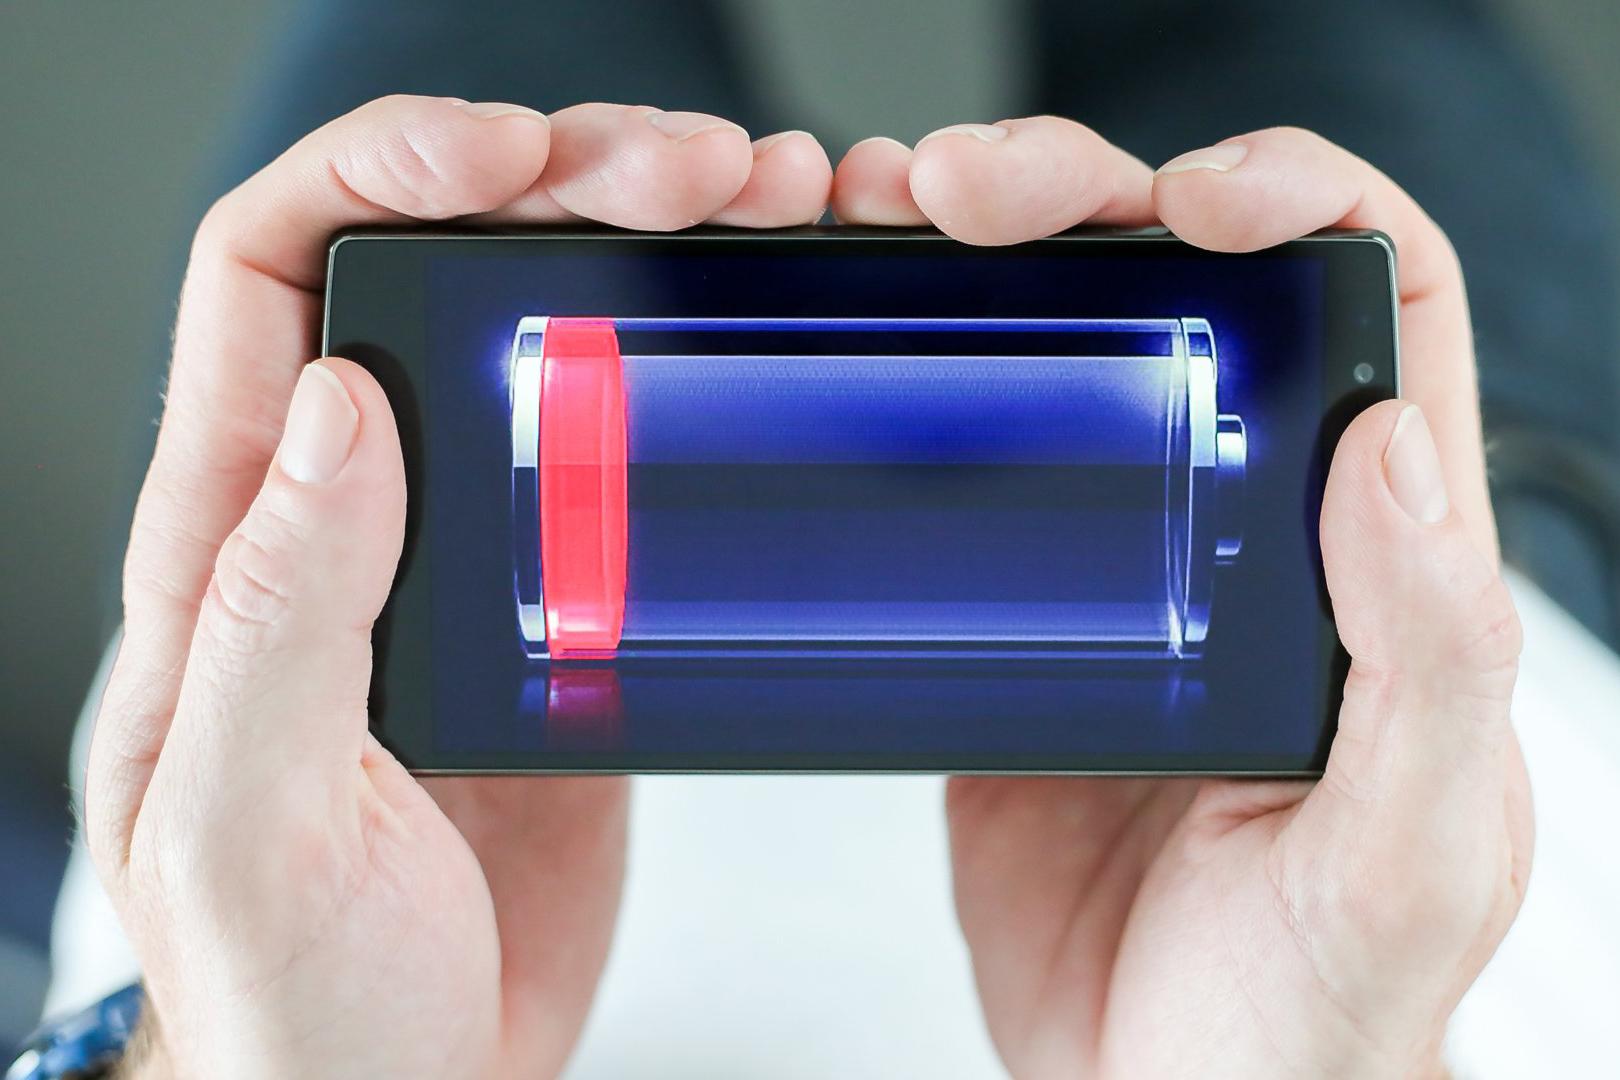 Пользователи переходят на смартфоны с более емкими аккумуляторами